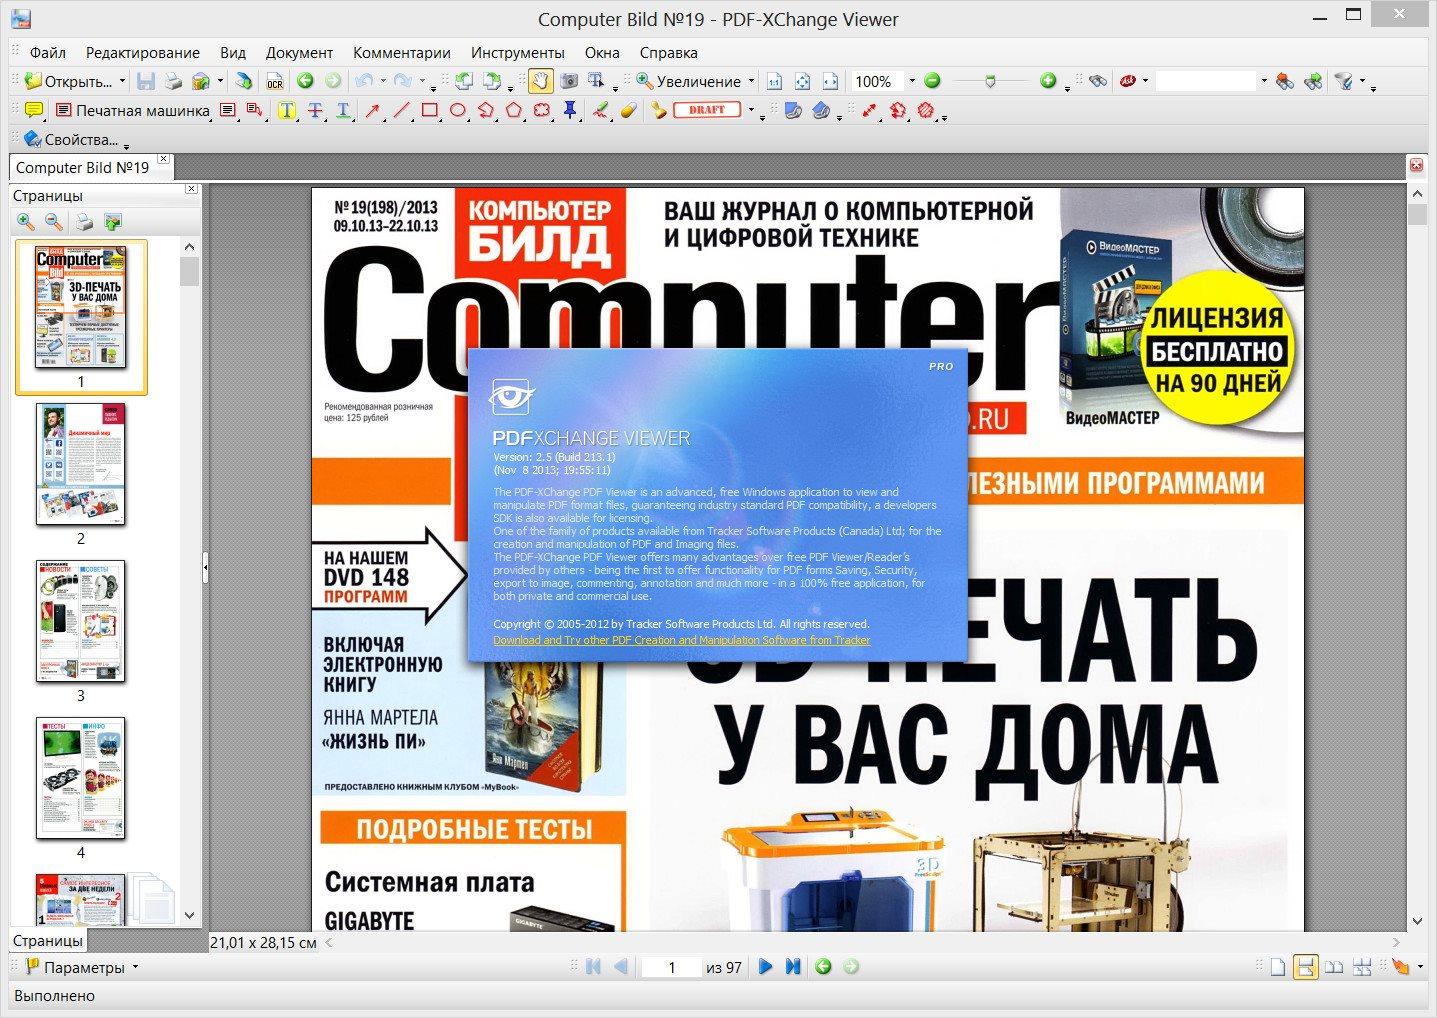 pdf xchange viewer view menu